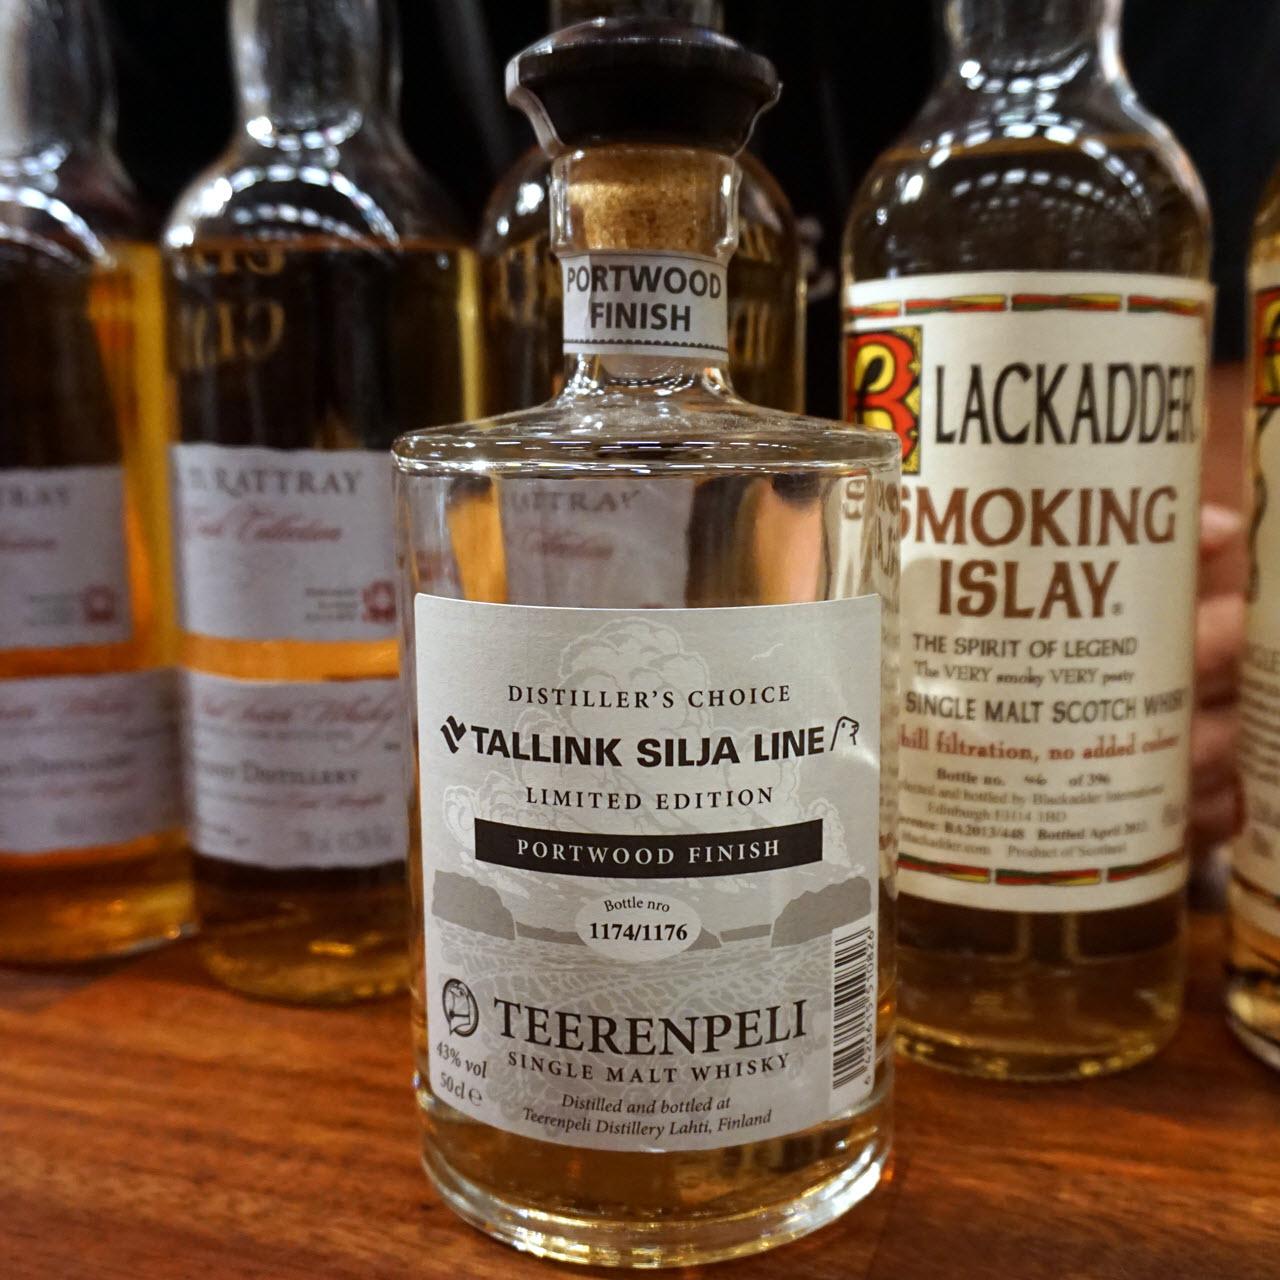 Nordic Whisky #58 - Teerenpeli Distiller's Choice Portwood Finish